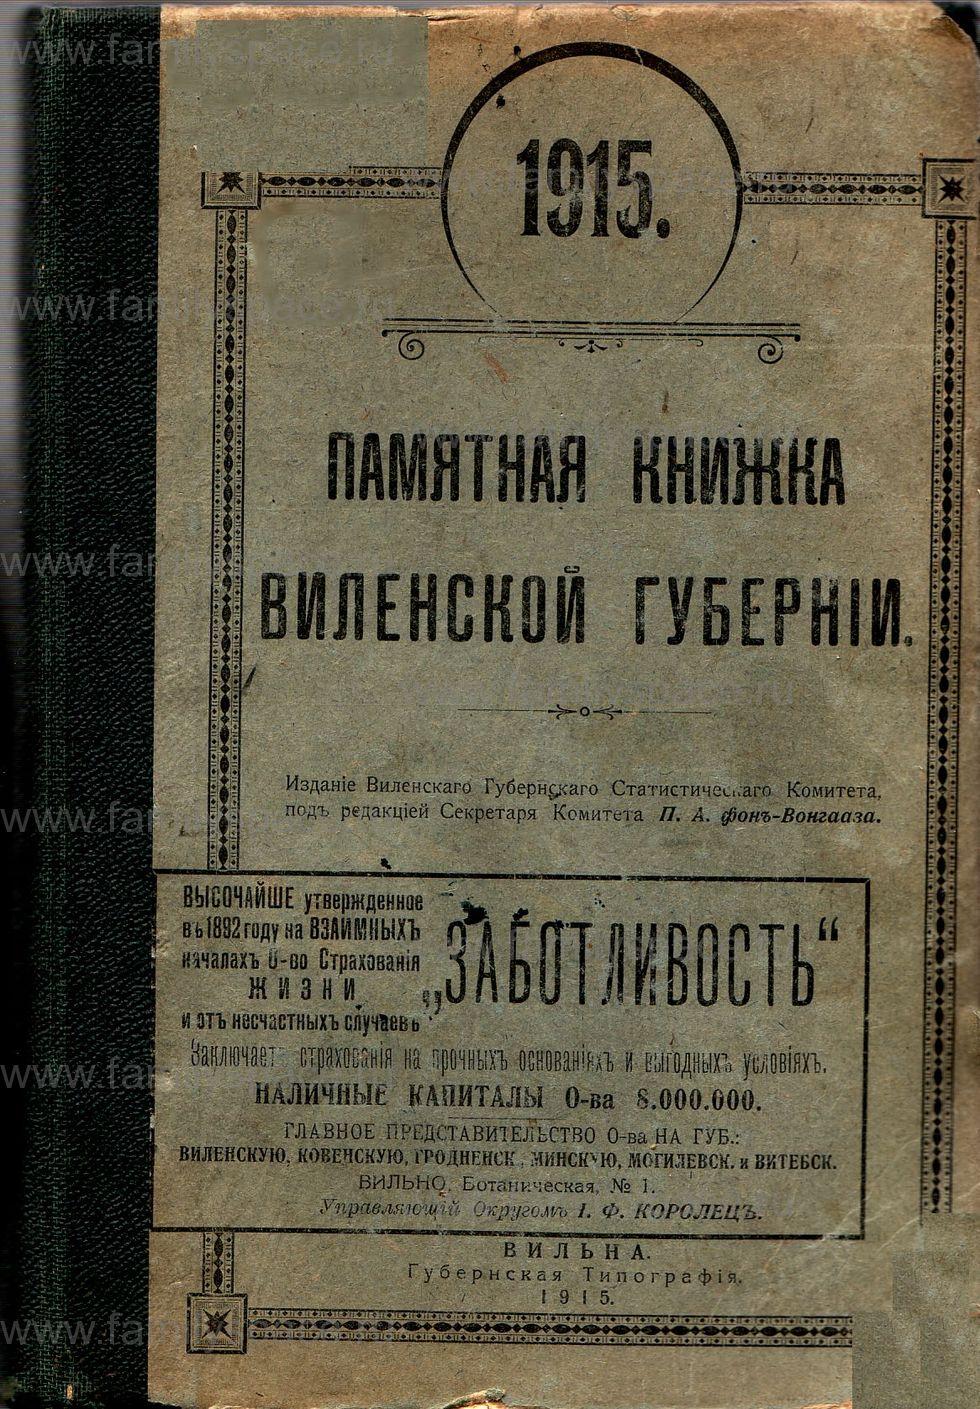 Поиск по фамилии - Памятная книга Виленской губернии на 1915 год, страница -2